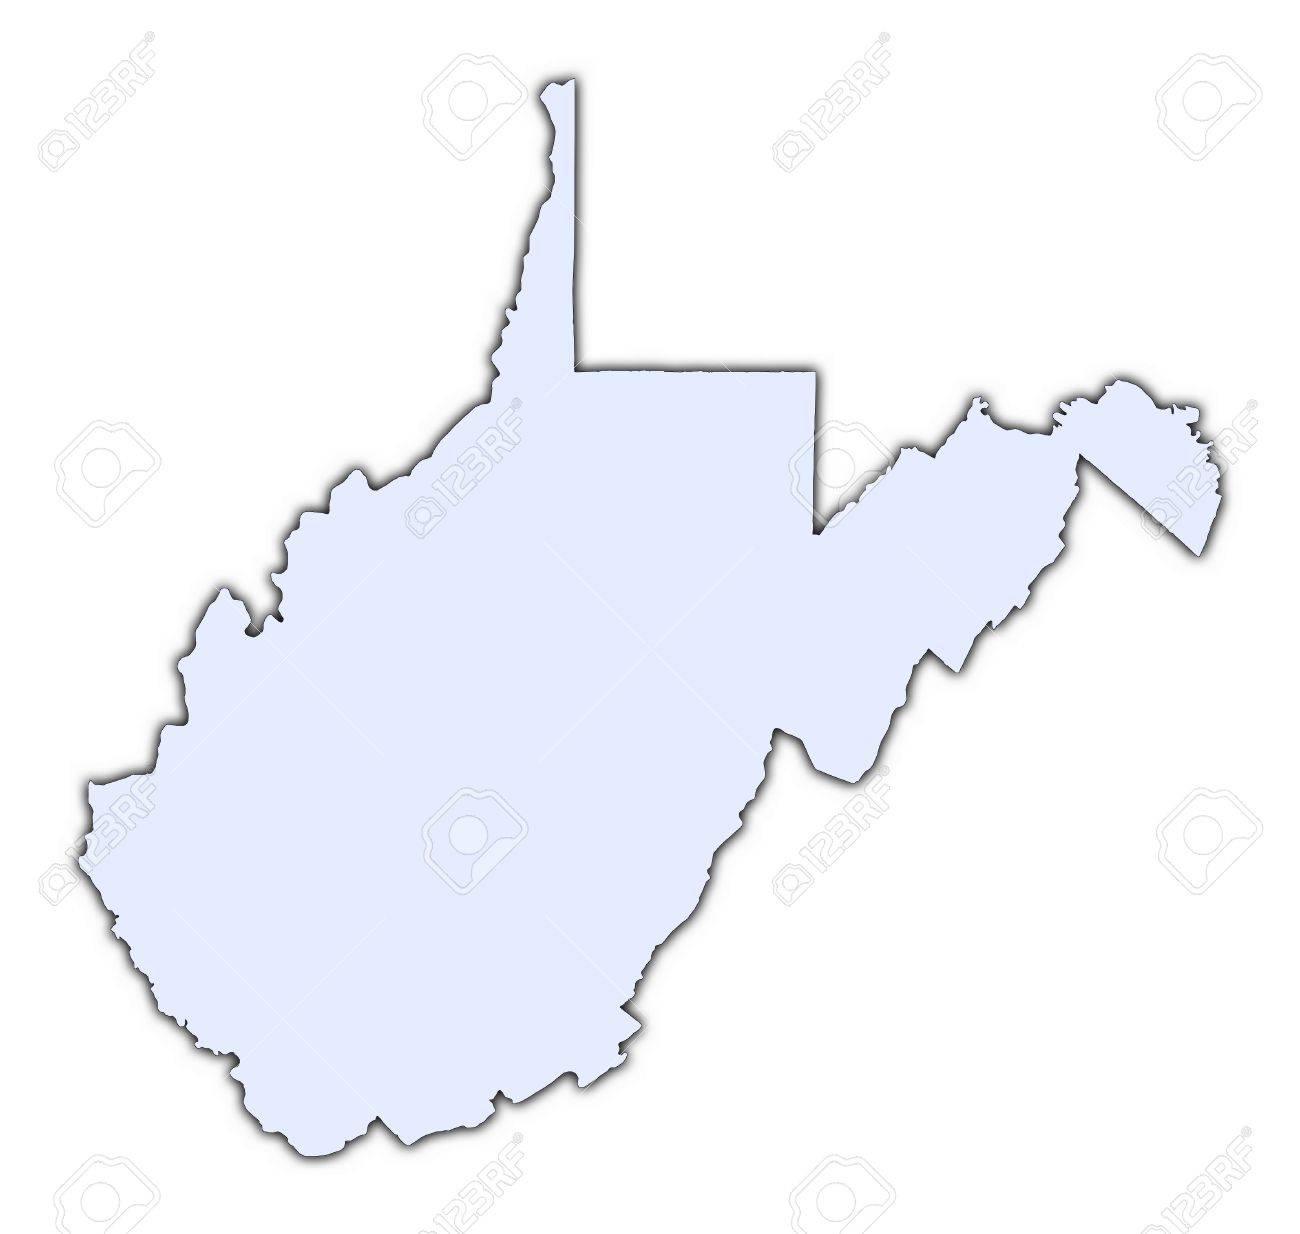 West Virginia (USA) light blue map with shadow. High resolution... on usa map potomac river, usa map guam, usa map charleston, usa map jamaica, usa map memphis tn, usa map circle, usa map orange county, usa map navy, usa map fort worth, usa map st. augustine, usa map long island, usa map akron, usa map bahamas, usa map cincinnati, usa map by zipcode, usa map buffalo, map of virginia, usa map roanoke, usa map fort lauderdale, usa map virgin islands,